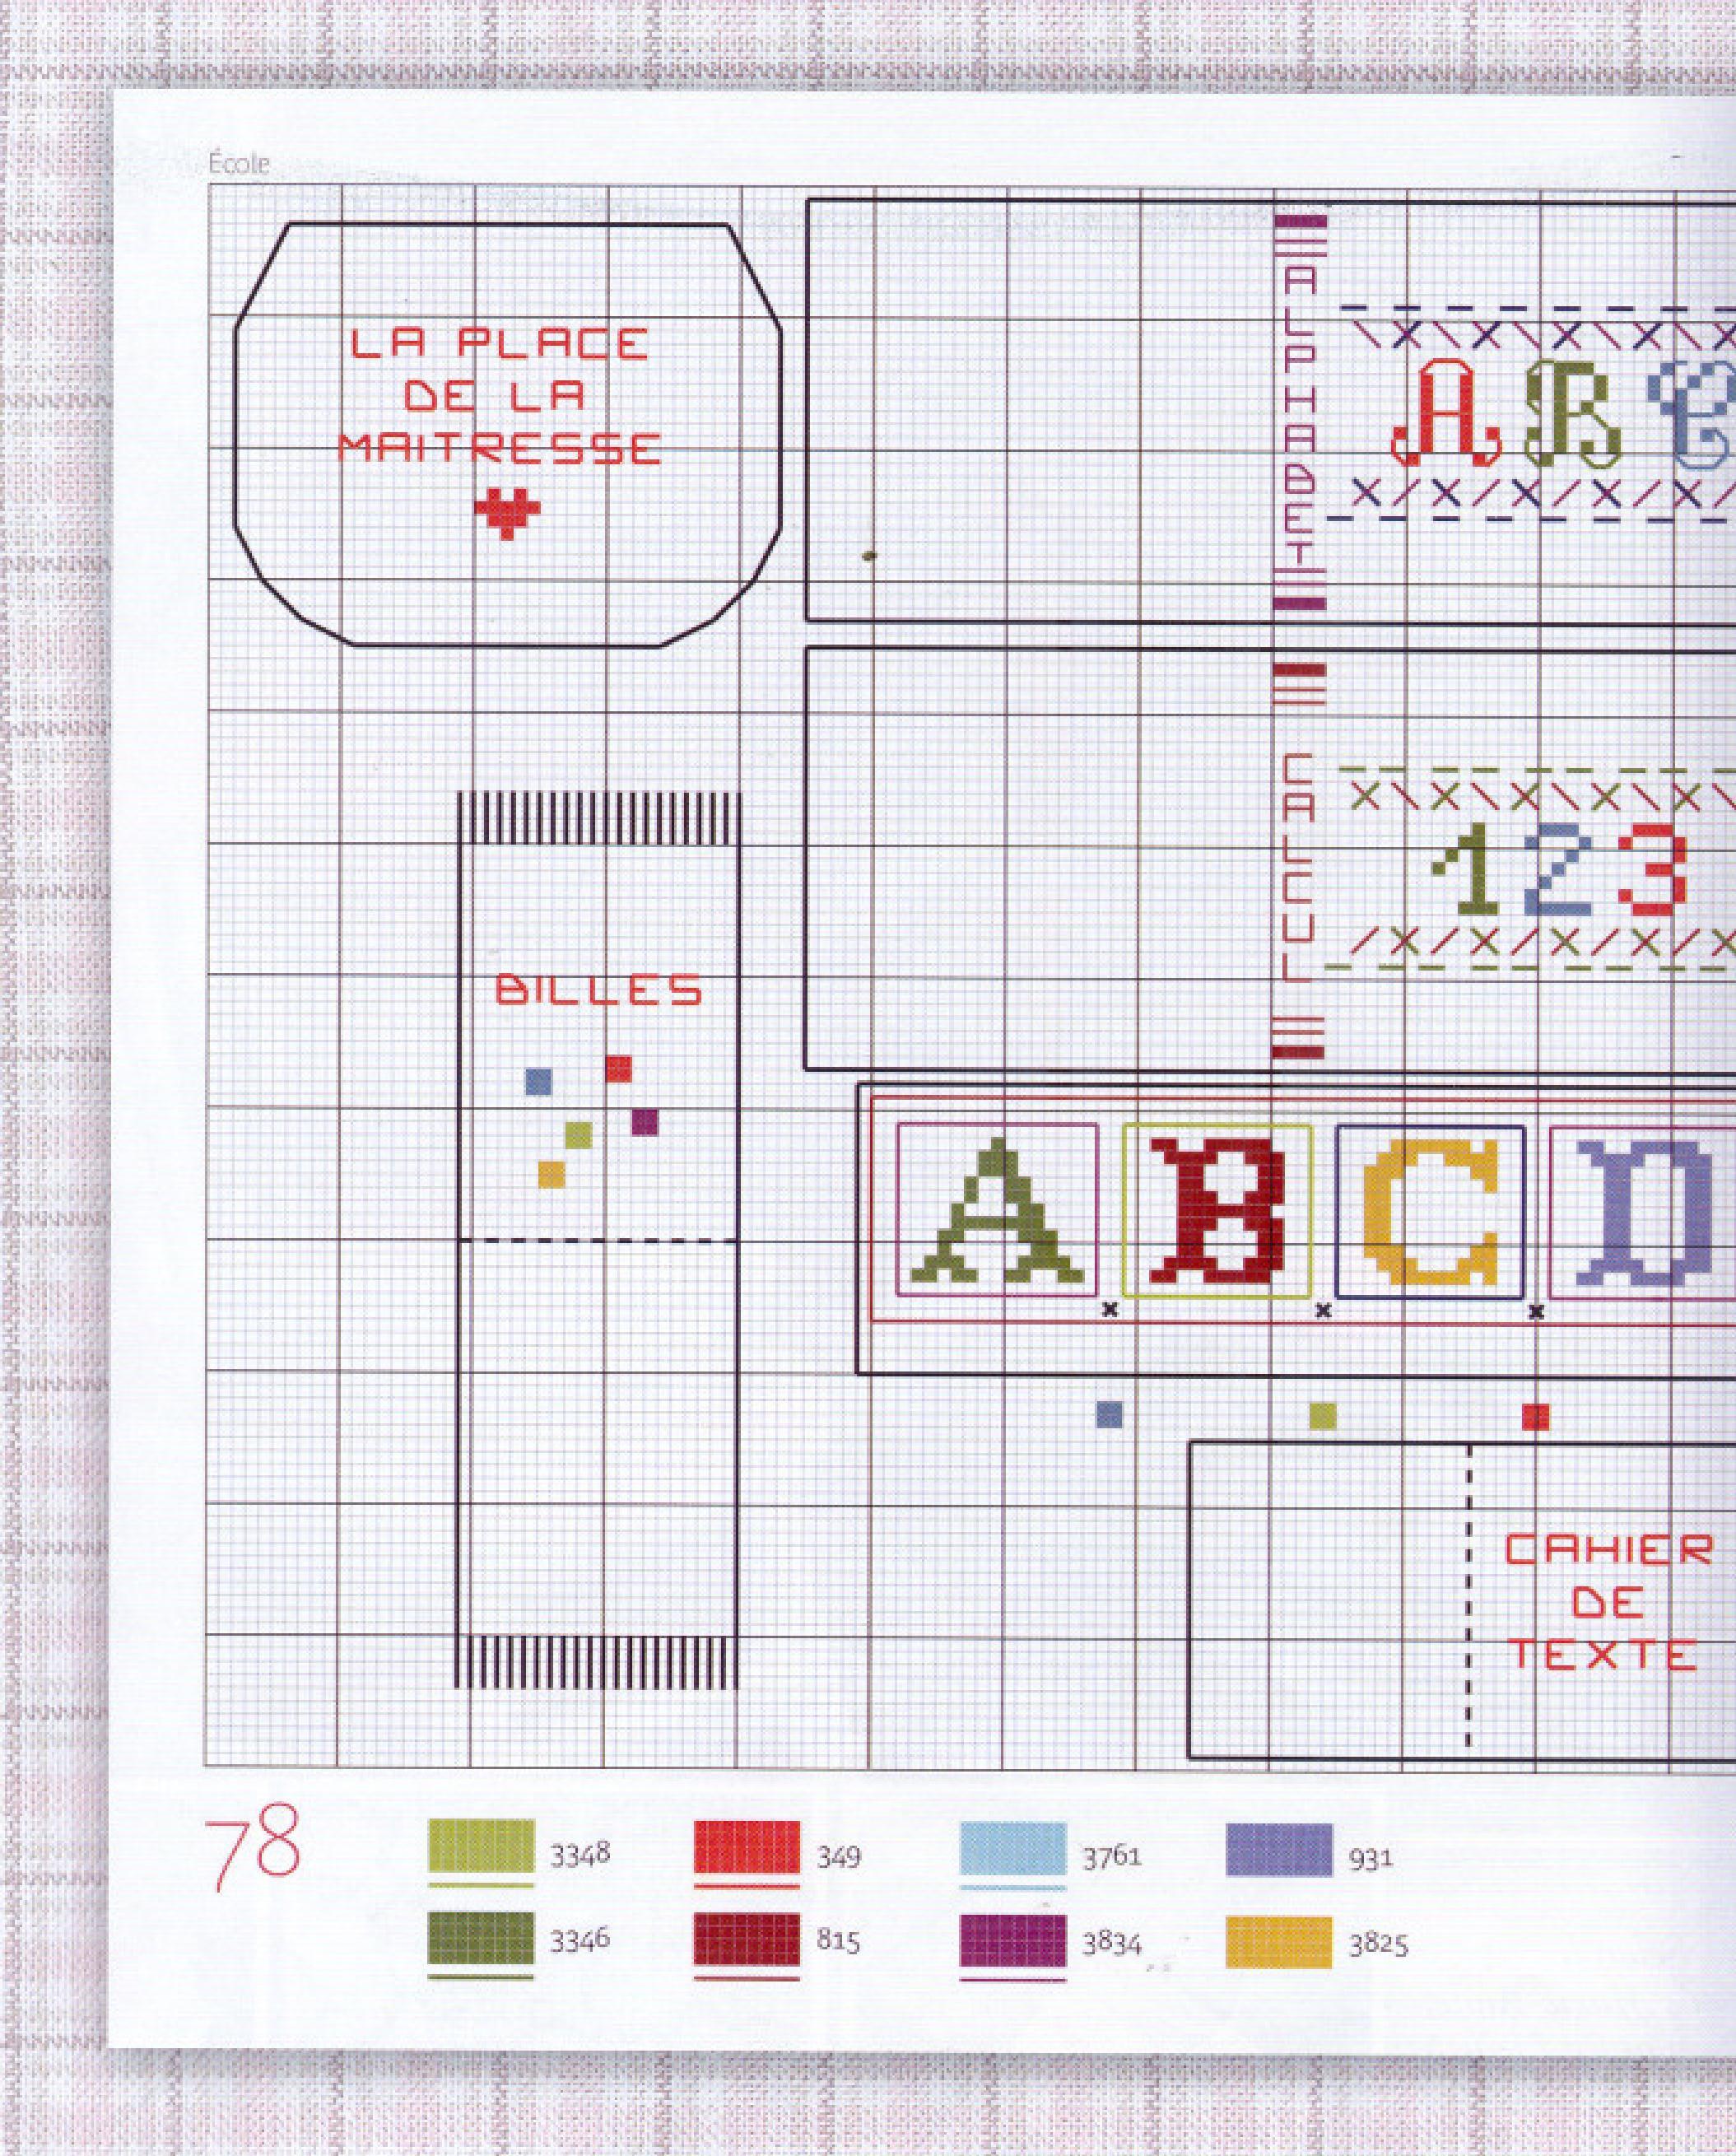 Lettere dell 39 alfabeto e cartina geografica della francia for Schemi punto croce alfabeto bambini